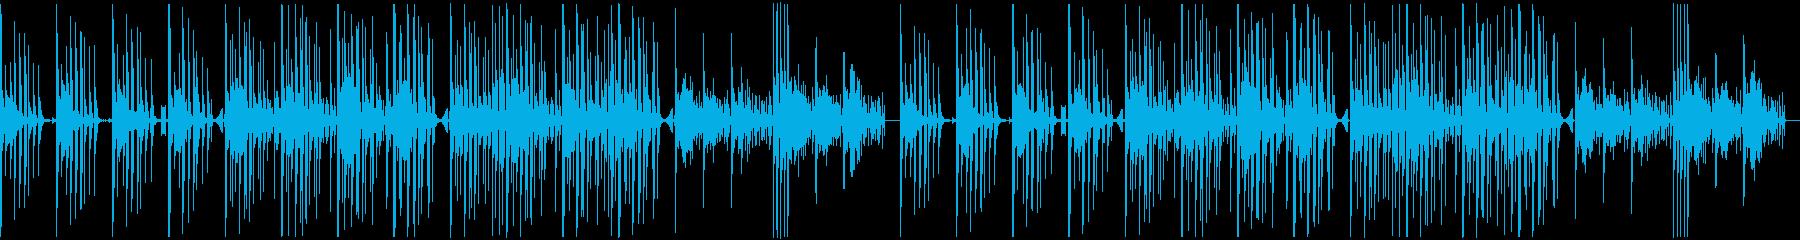 軽快で緊迫感のあるエレクトロBGMの再生済みの波形